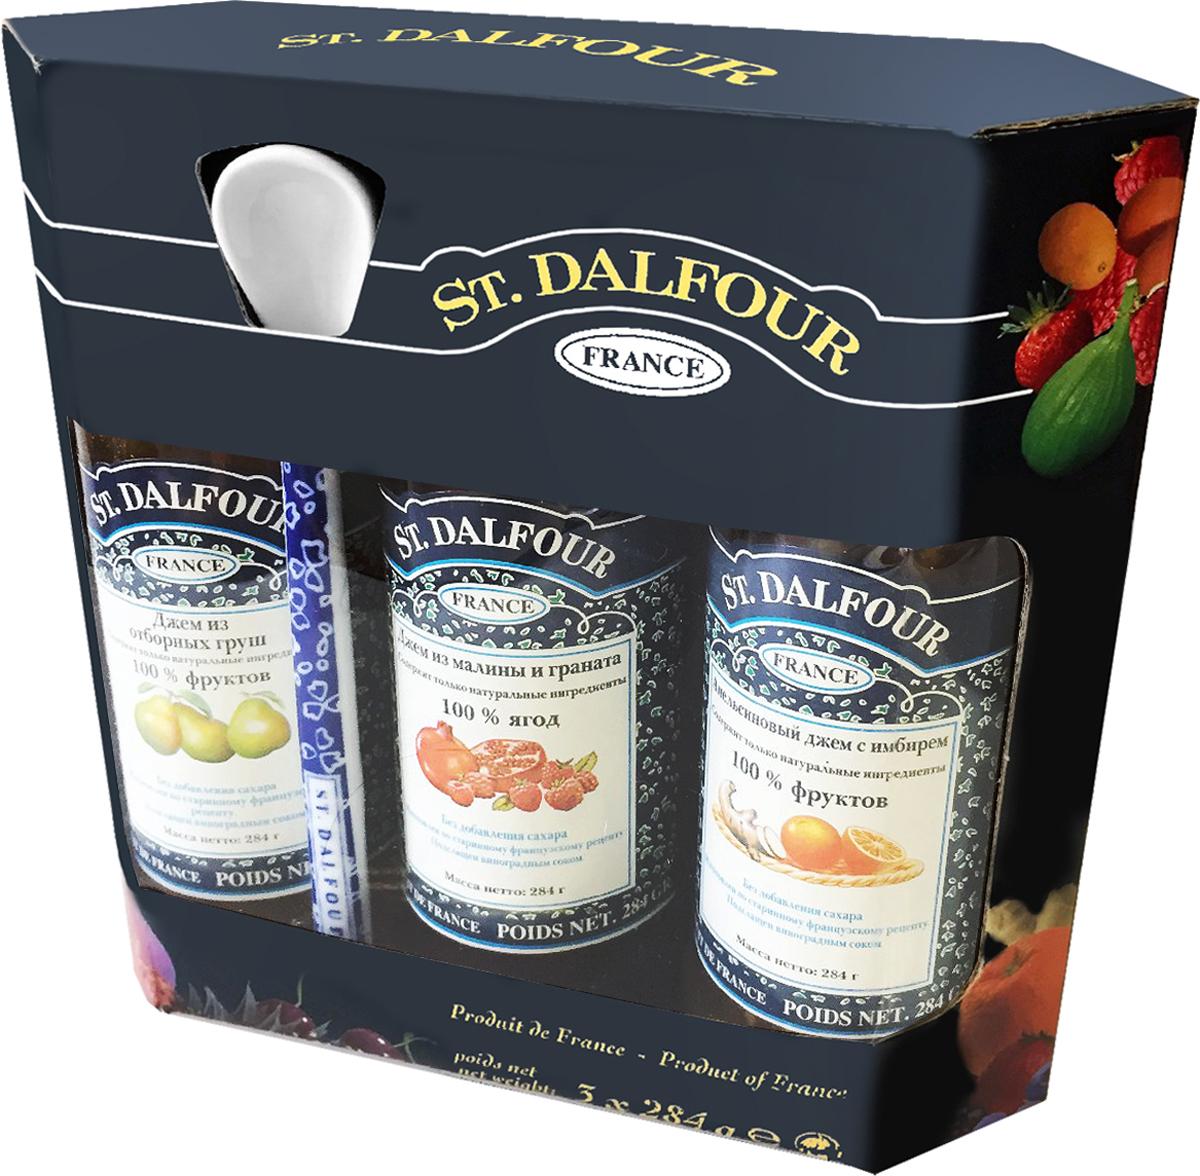 St. Dalfour подарочный набор 3 джема апельсин и имбирь, малина и гранат, отборная груша, 852 г st dalfour джем малина и гранат 284 г